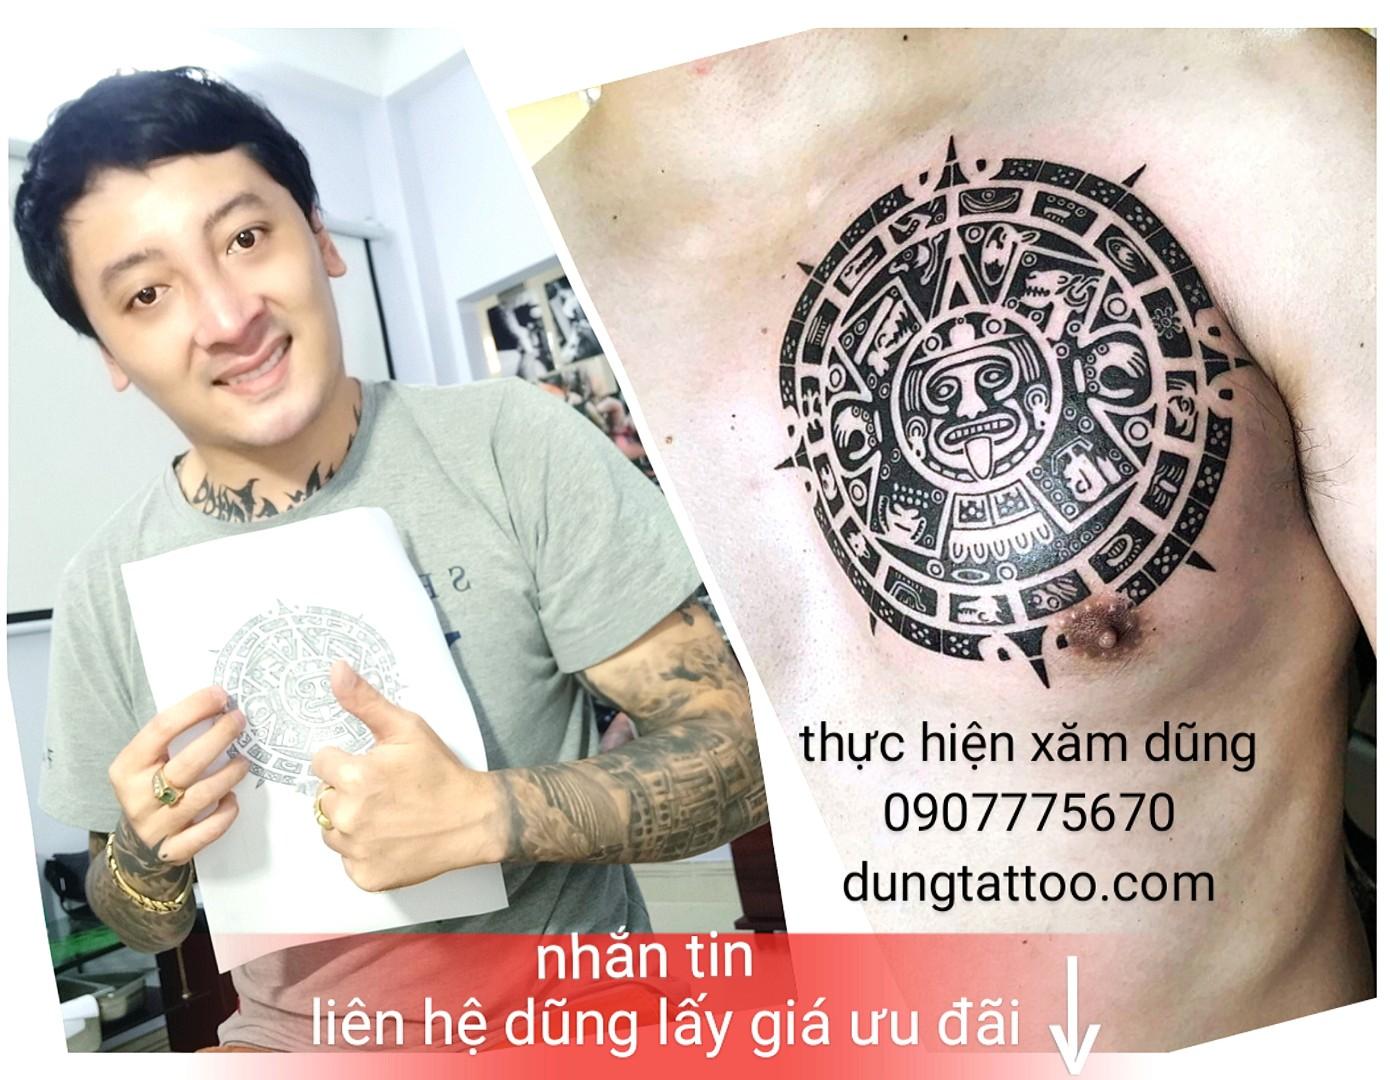 1 dung tatoo xam hoa van tren nguc vu nam nu dep